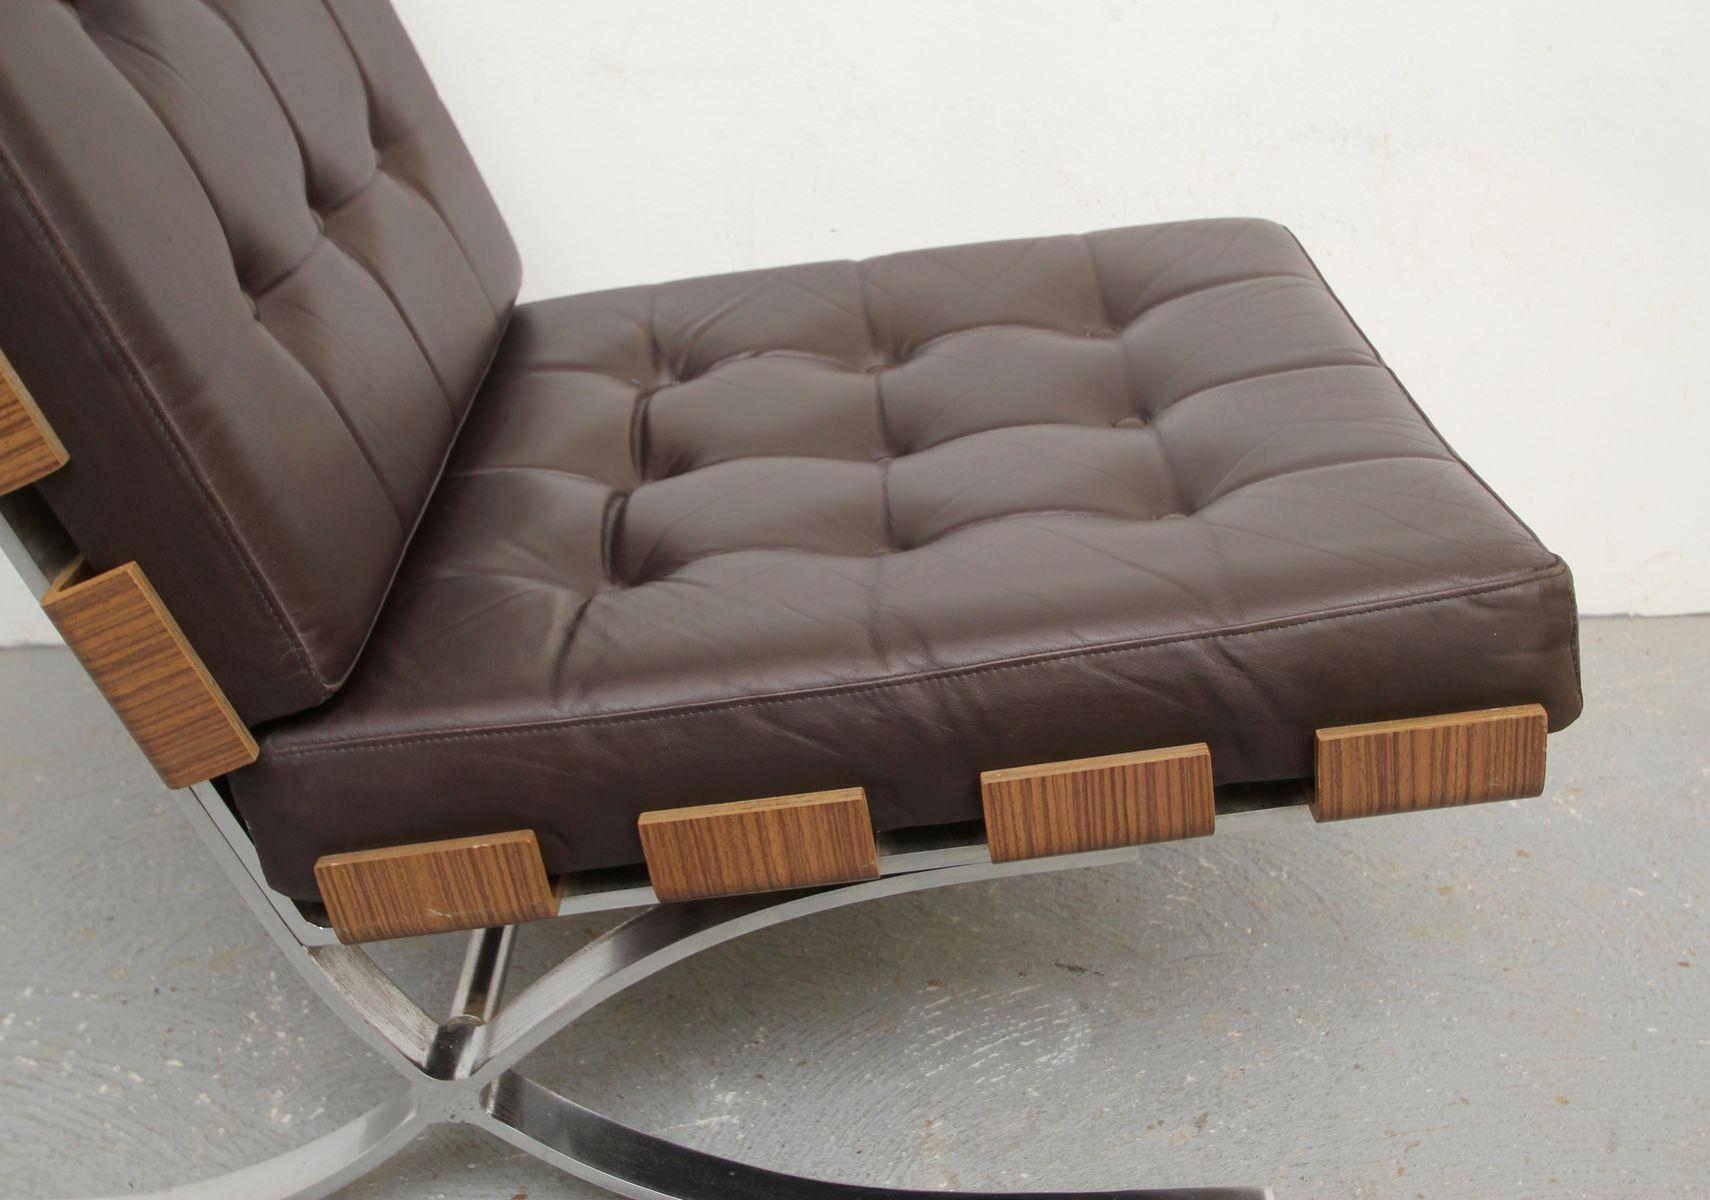 Sessel Stahl Moderner Sessel Stahl Polyethylen Nylon Lulu Kenneth